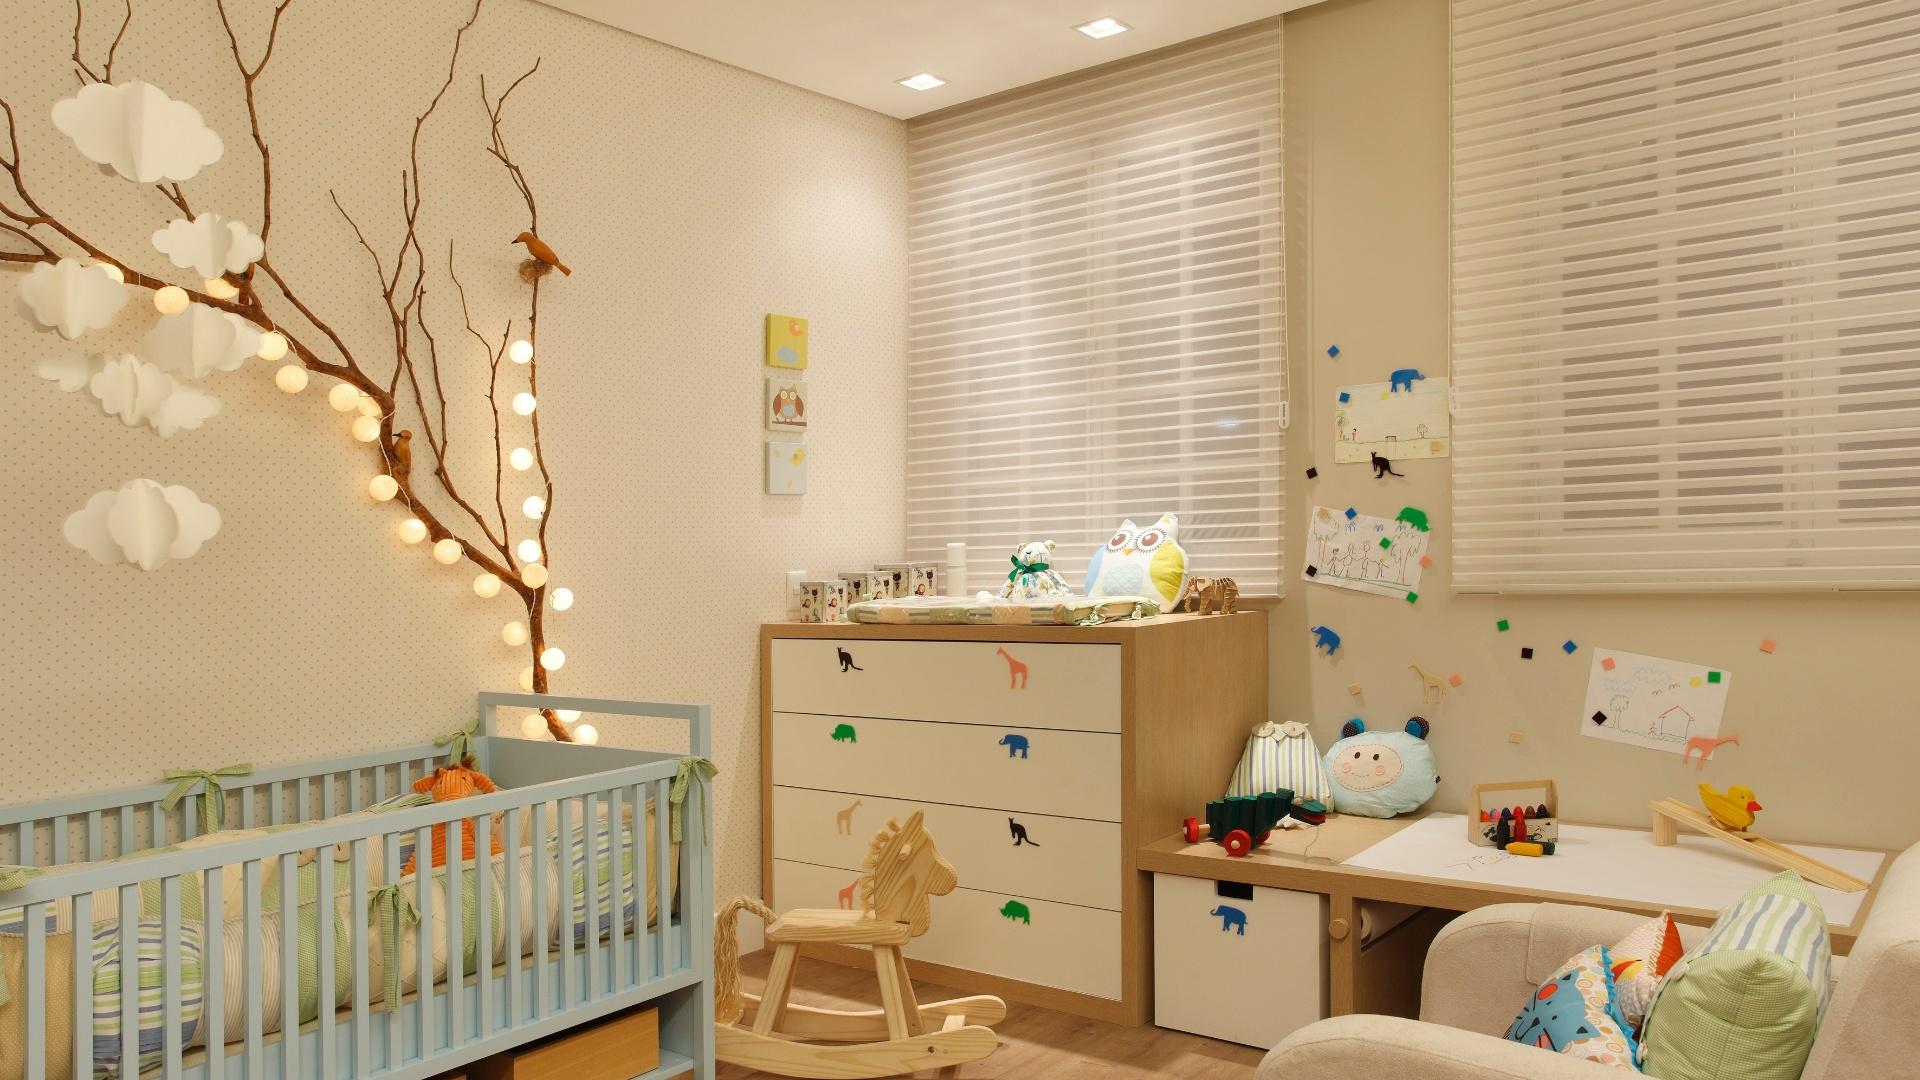 Quarto De Beb Com M Veis Coloridos Mais De 900 Quartos De Beb  ~ Armario Quarto Branco Com Parede Colorida Quarto